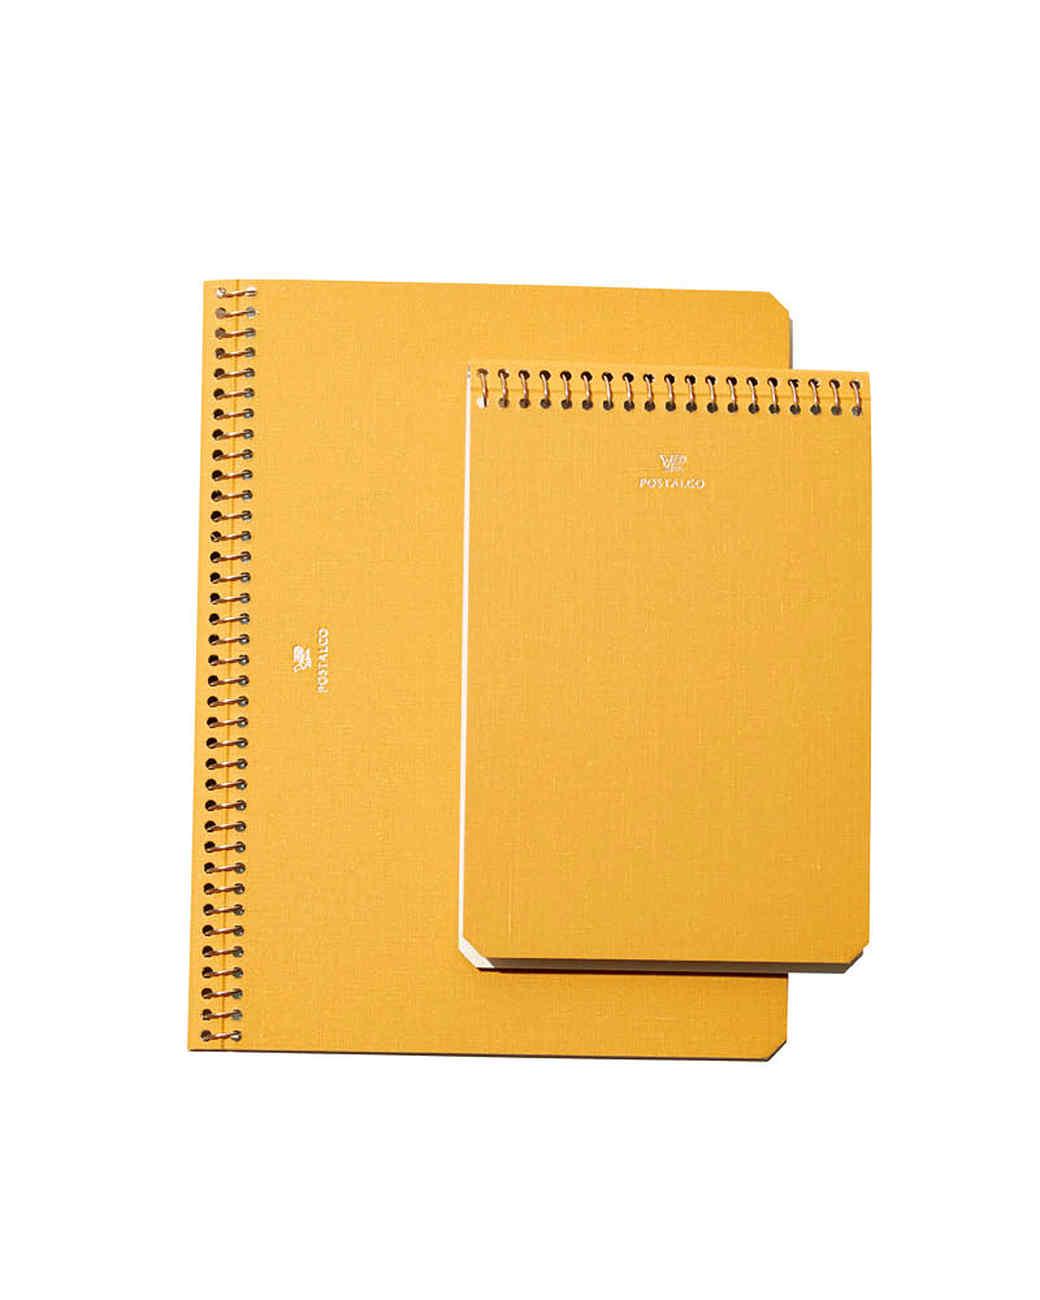 taste-maker-postal-co-notebooks-3318-d112830_l.jpg